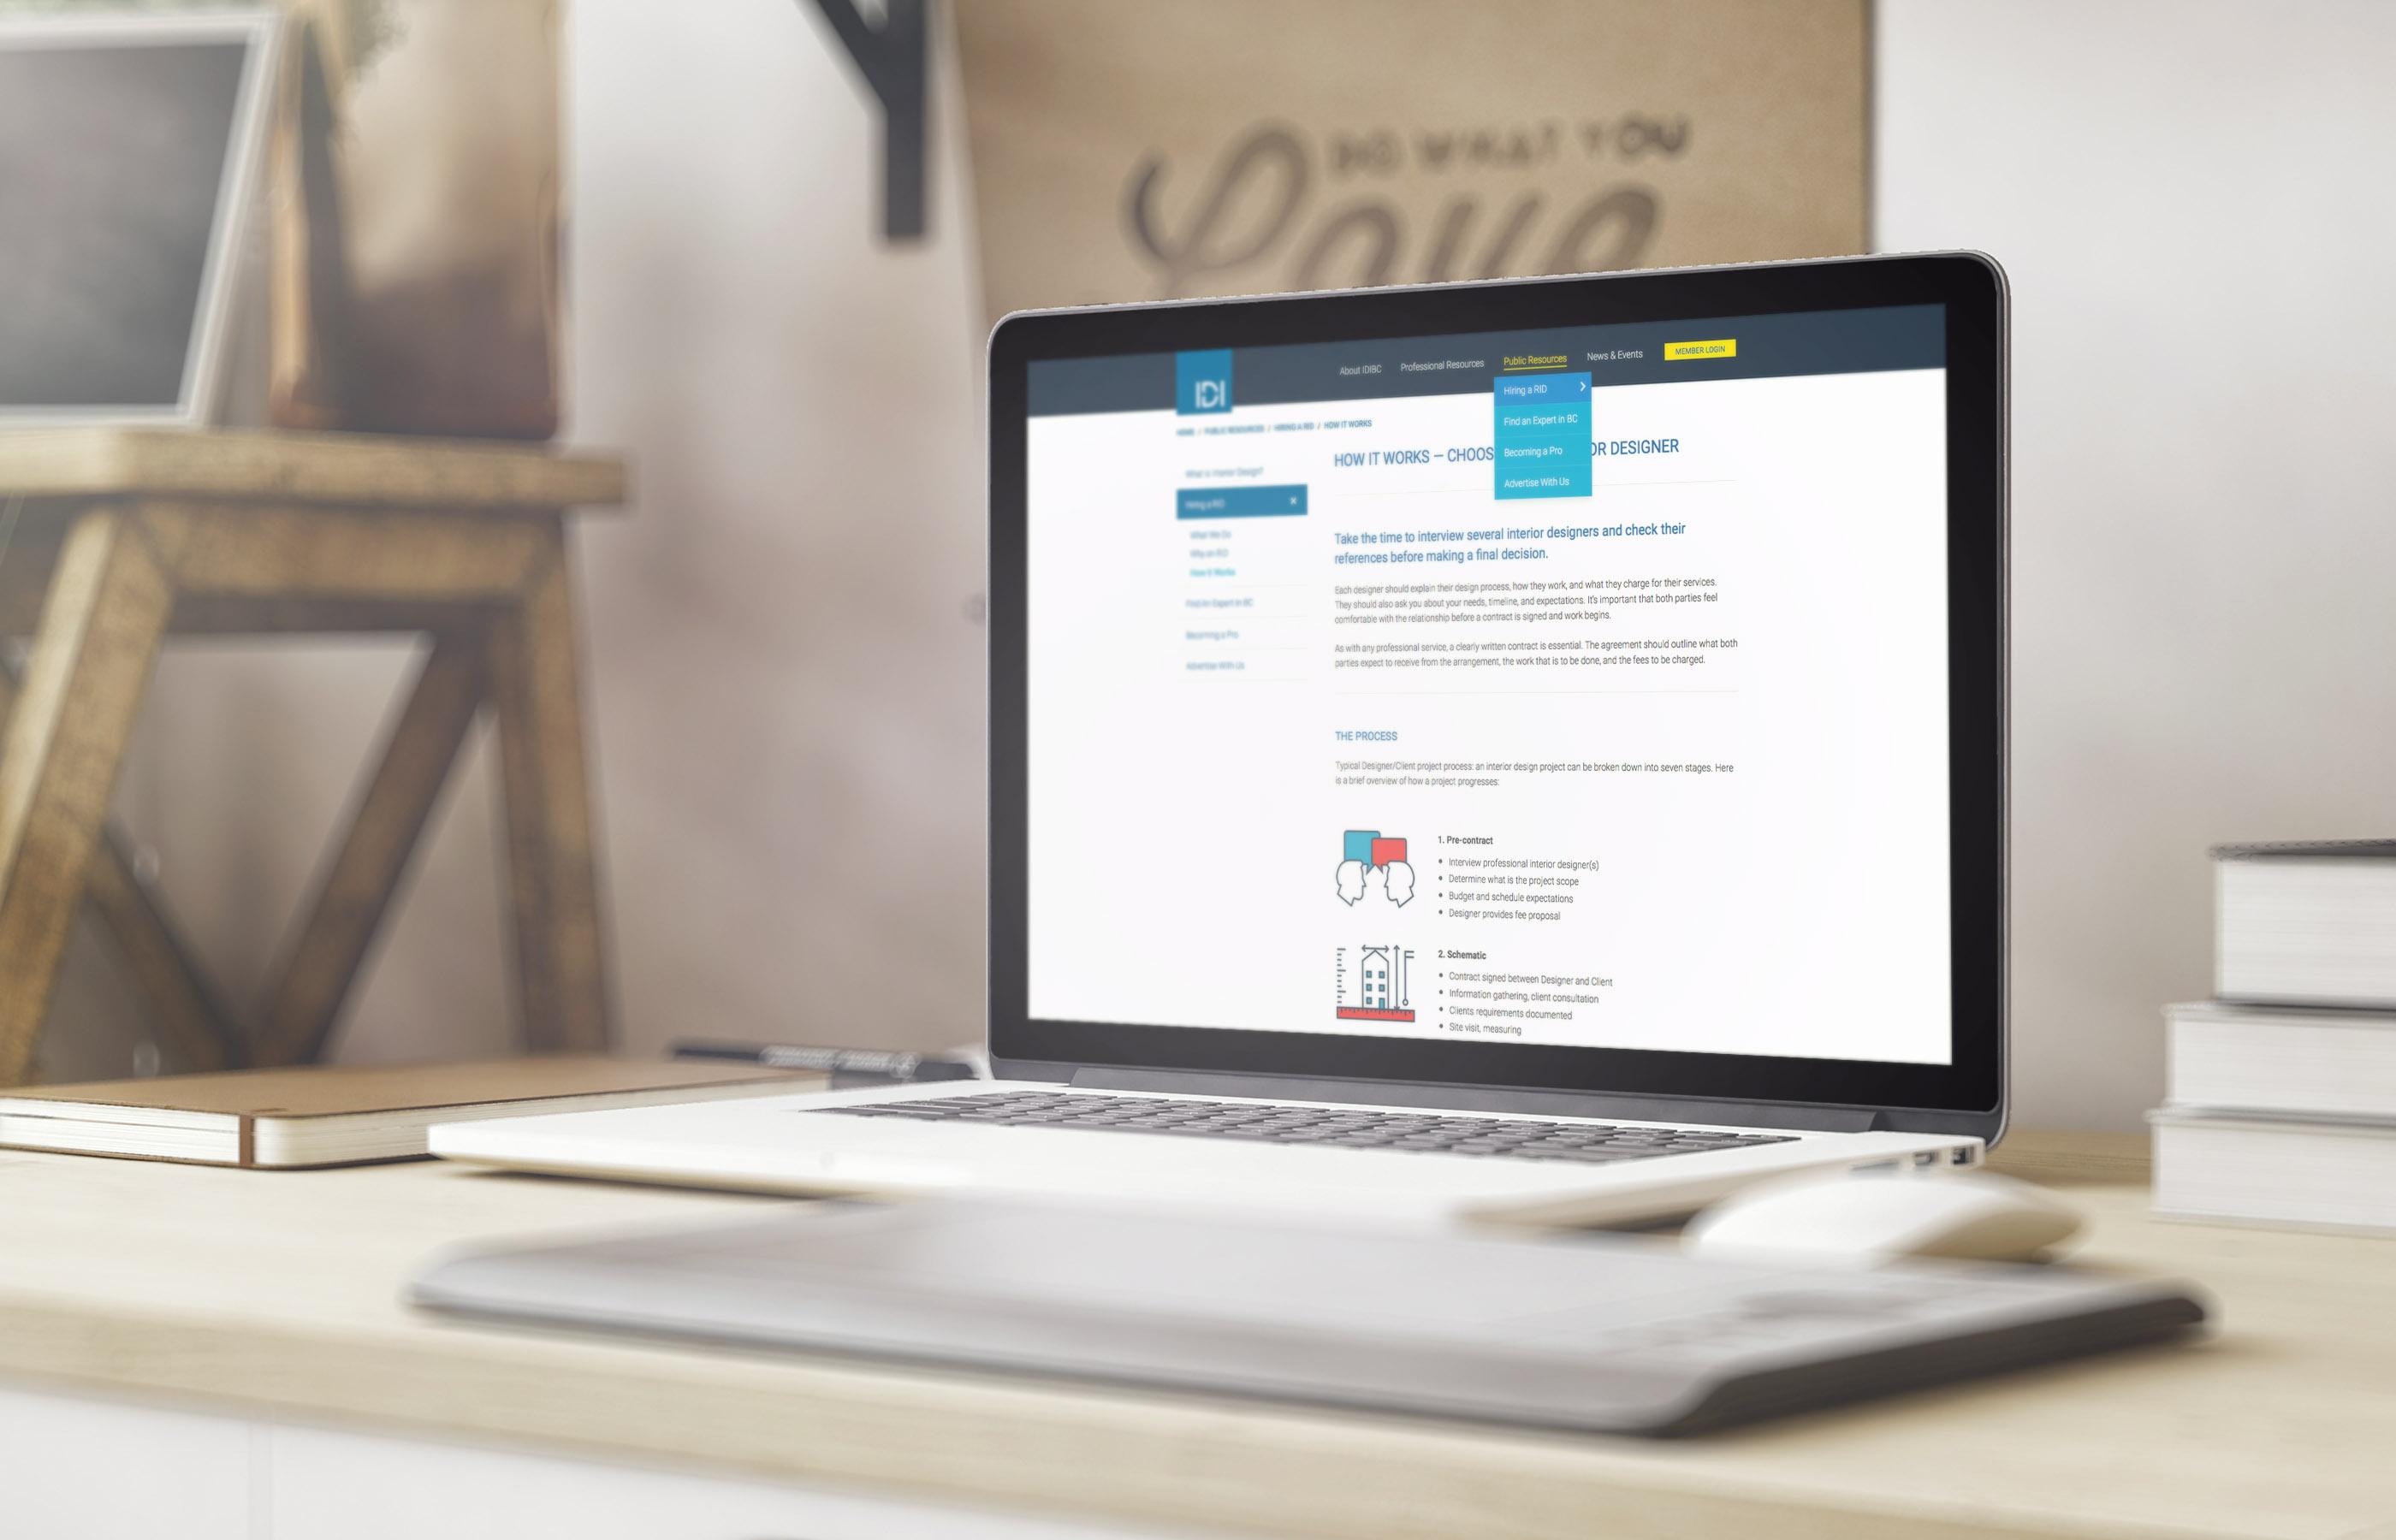 Interior Designers Institute of BC - Website sample 2